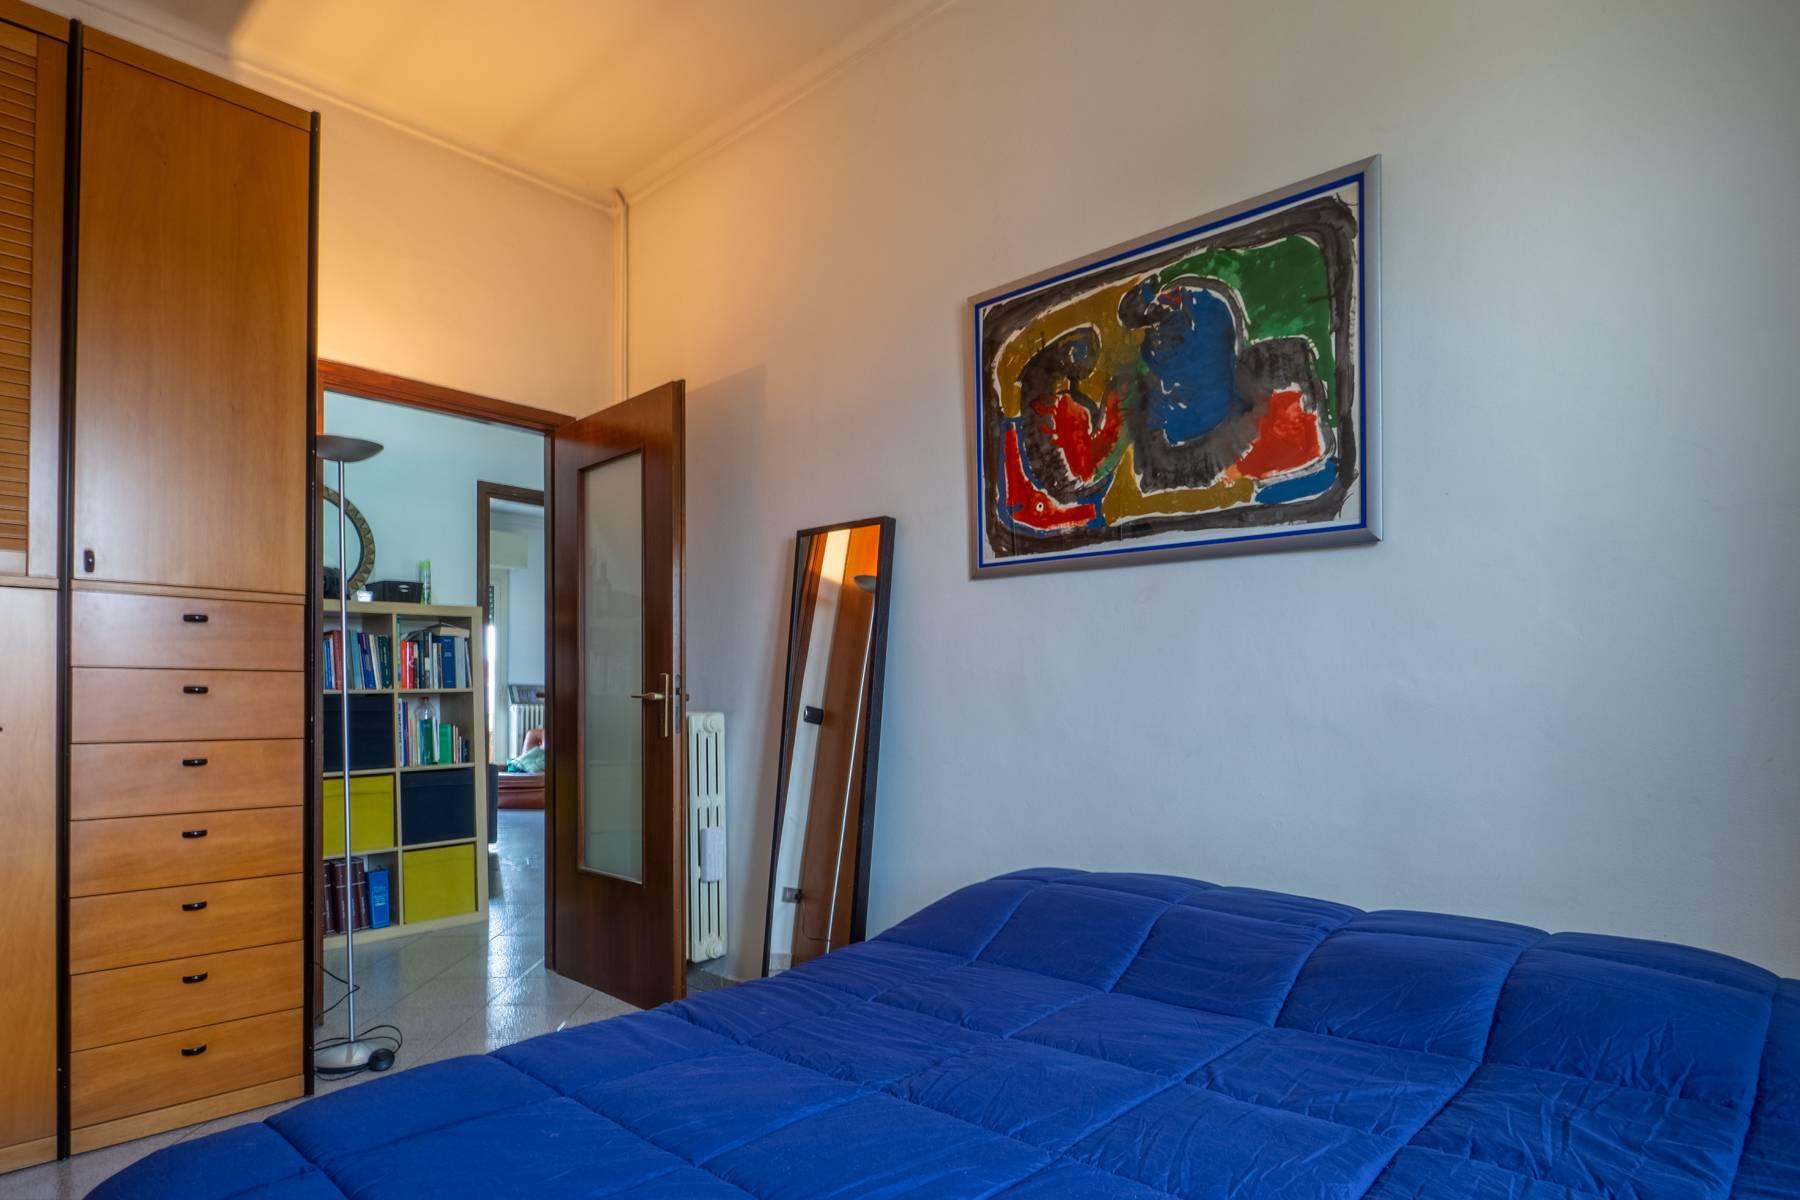 Appartamento in Vendita a Torino: 3 locali, 75 mq - Foto 8